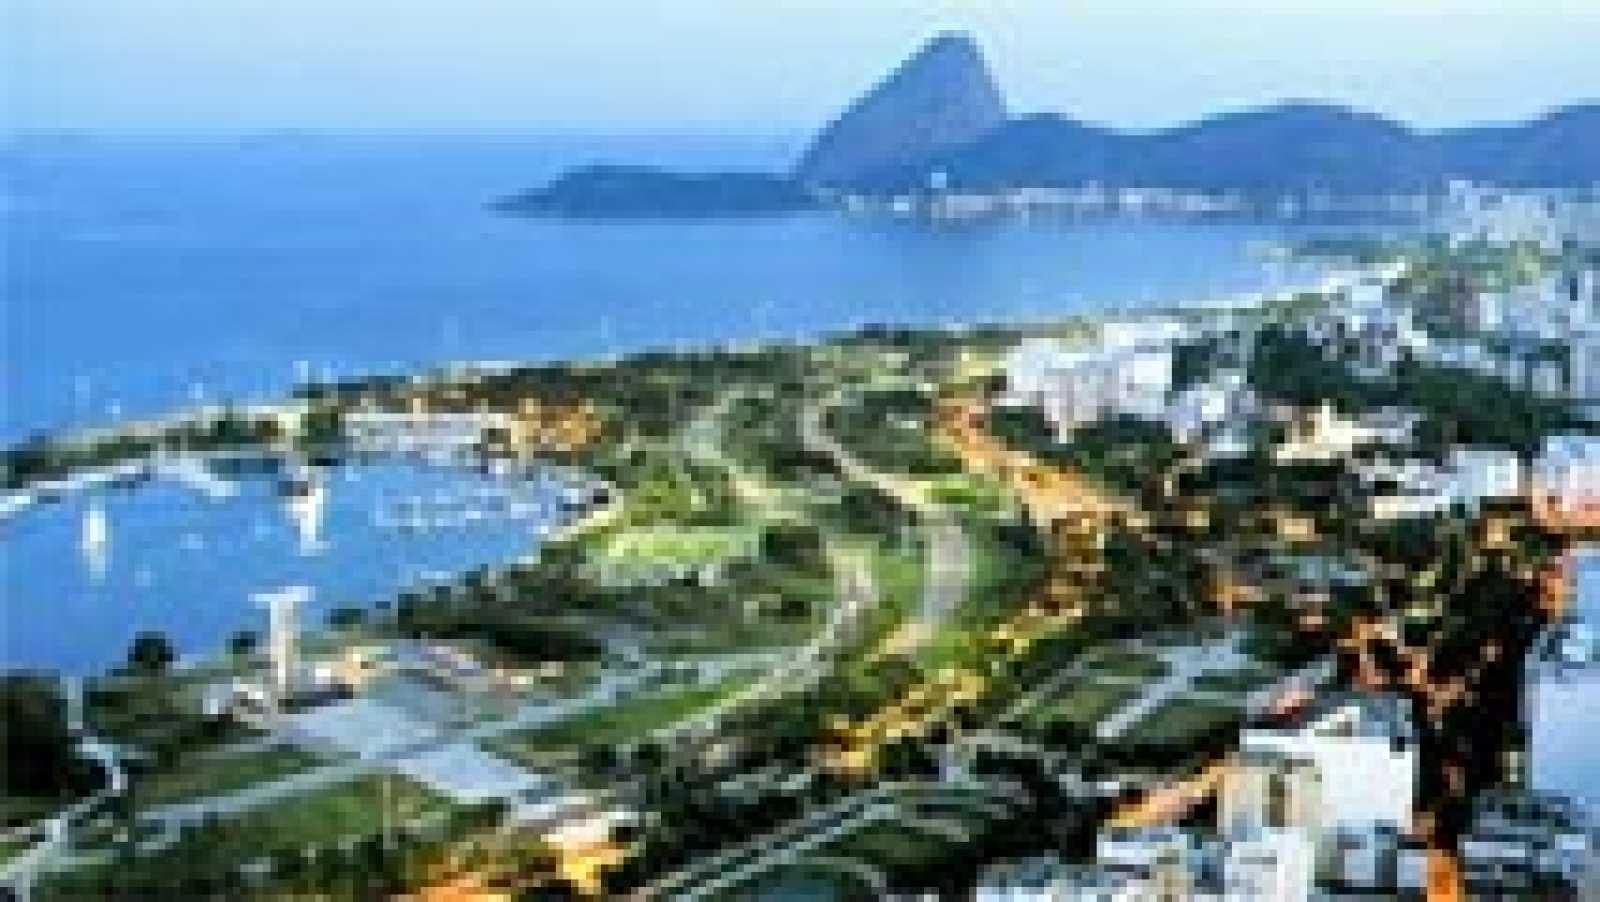 RTVE estrena esta noche en clave olímpica 'Objetivo Rio', un programa semanal que se emitirá en Teledeporte y el Canal 24 horas. Habrá atención especial a las competiciones en las que participen los atletas olímpicos becados en el programa ADO.